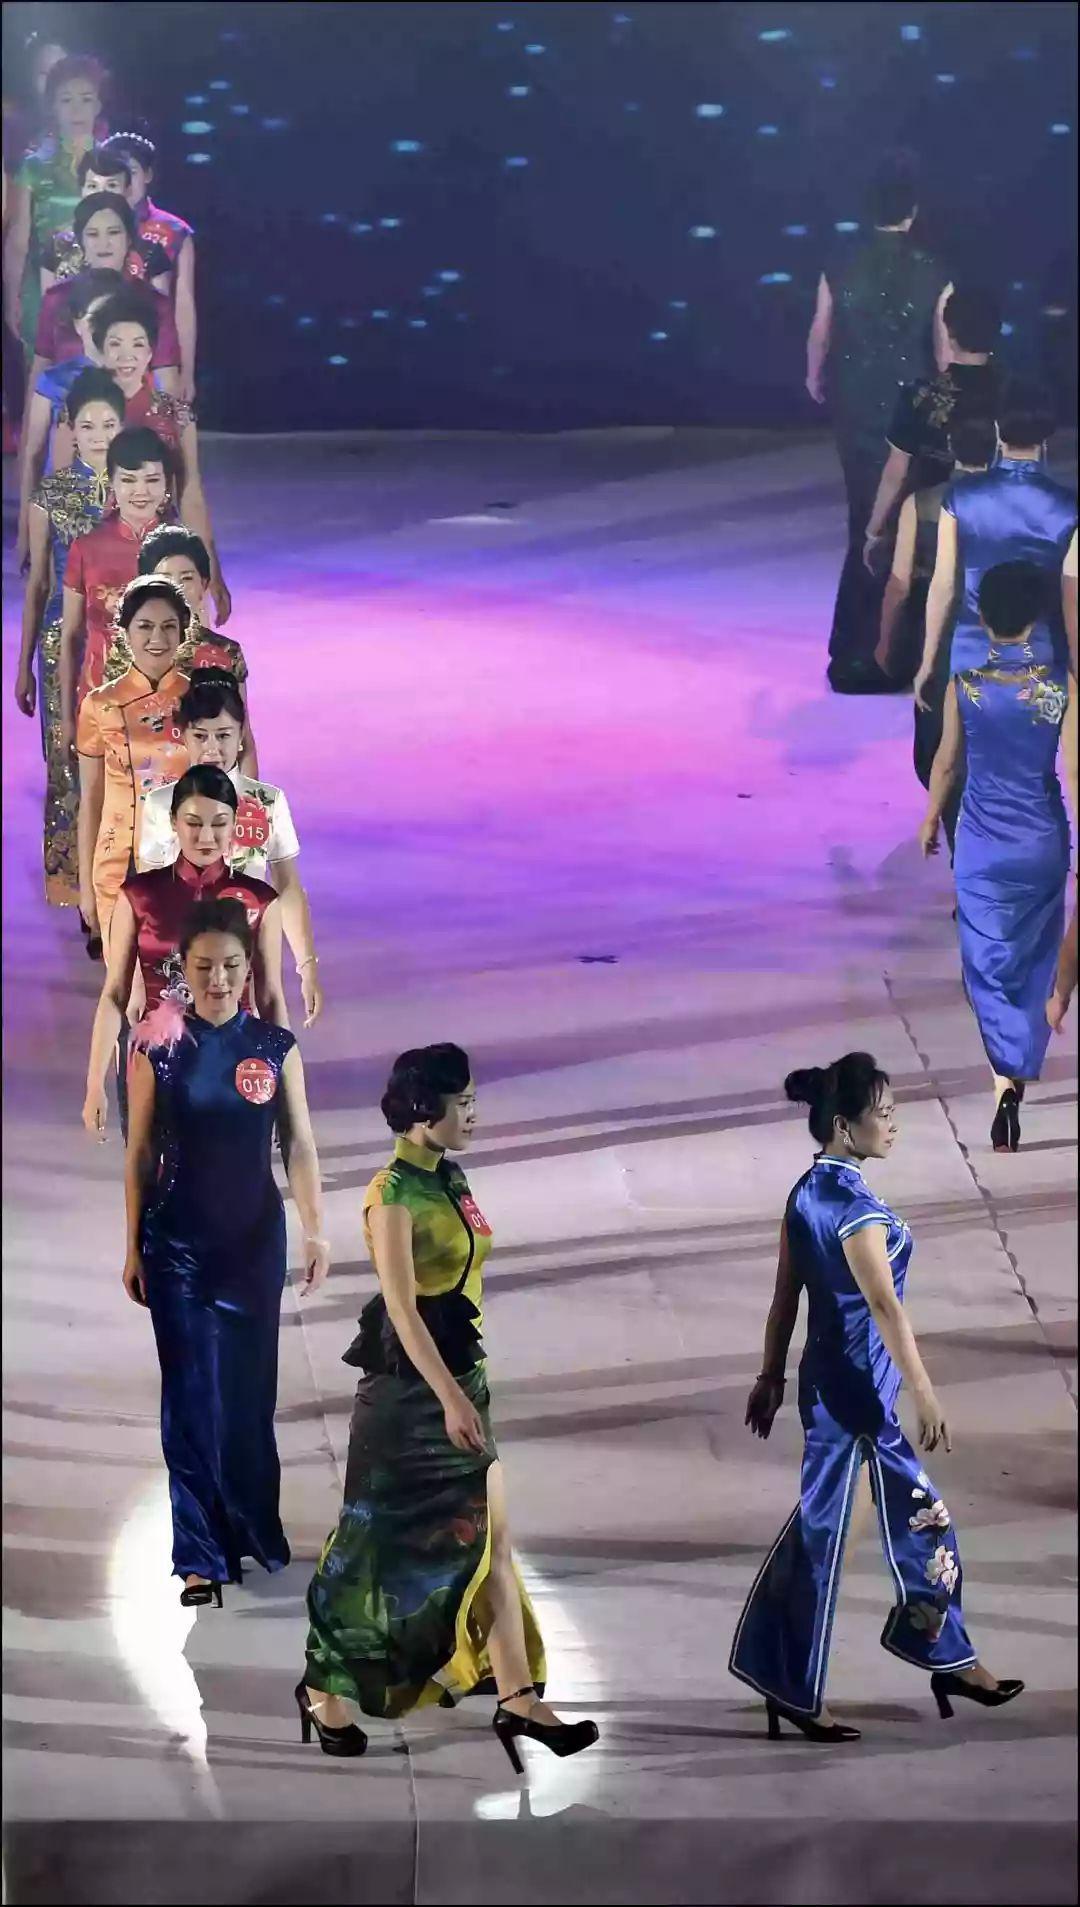 12月23日,保定市西高庄村葫芦丝队在排练《象脚鼓敲起的时候》.